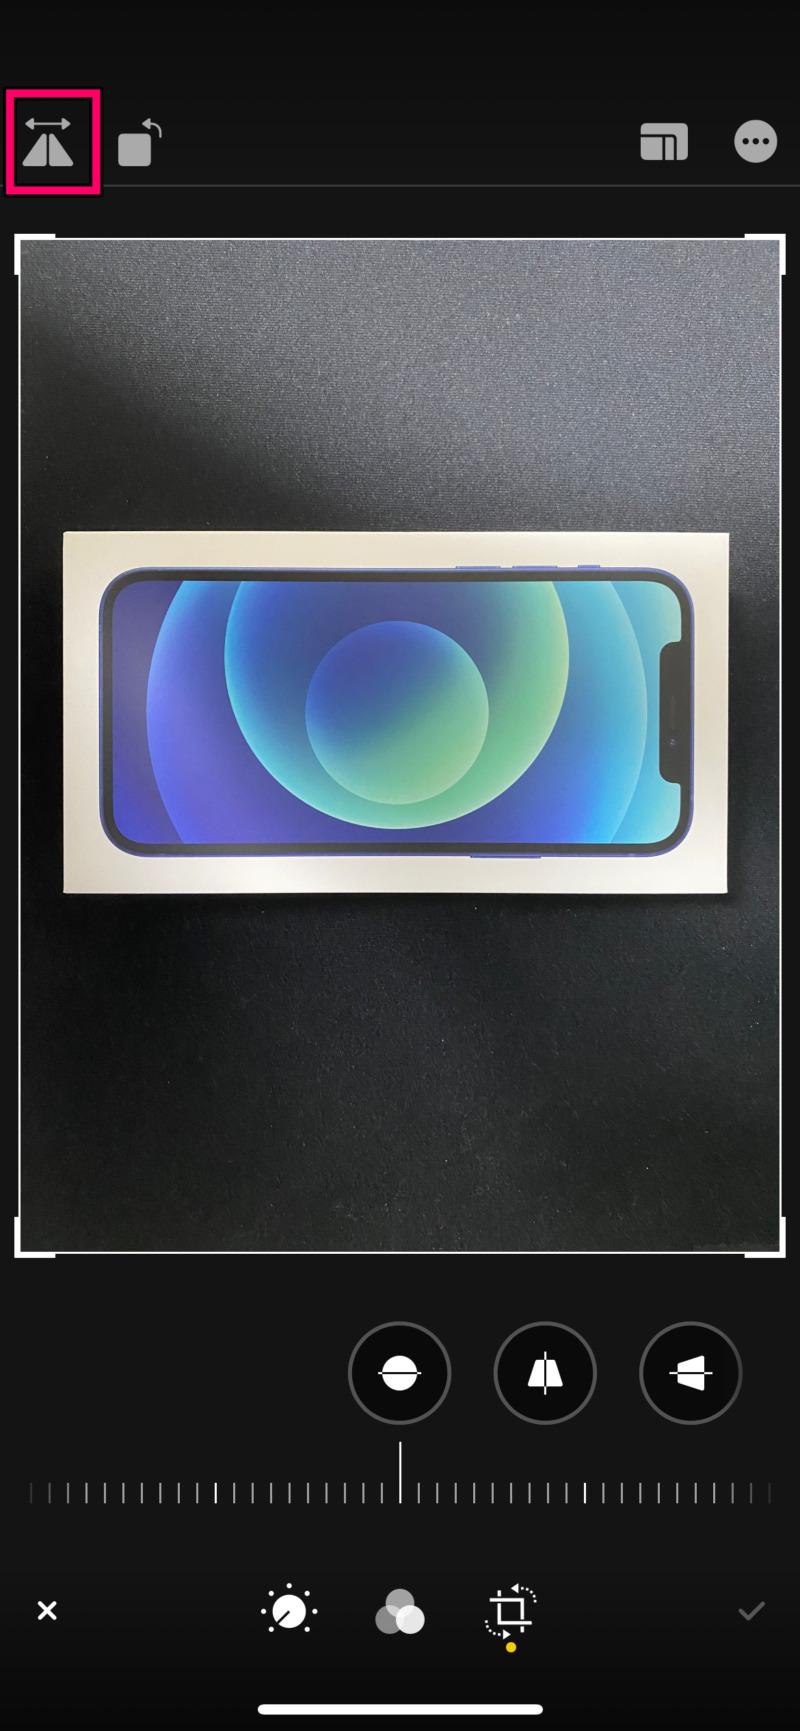 iPhoneの写真アプリで画像を左右反転